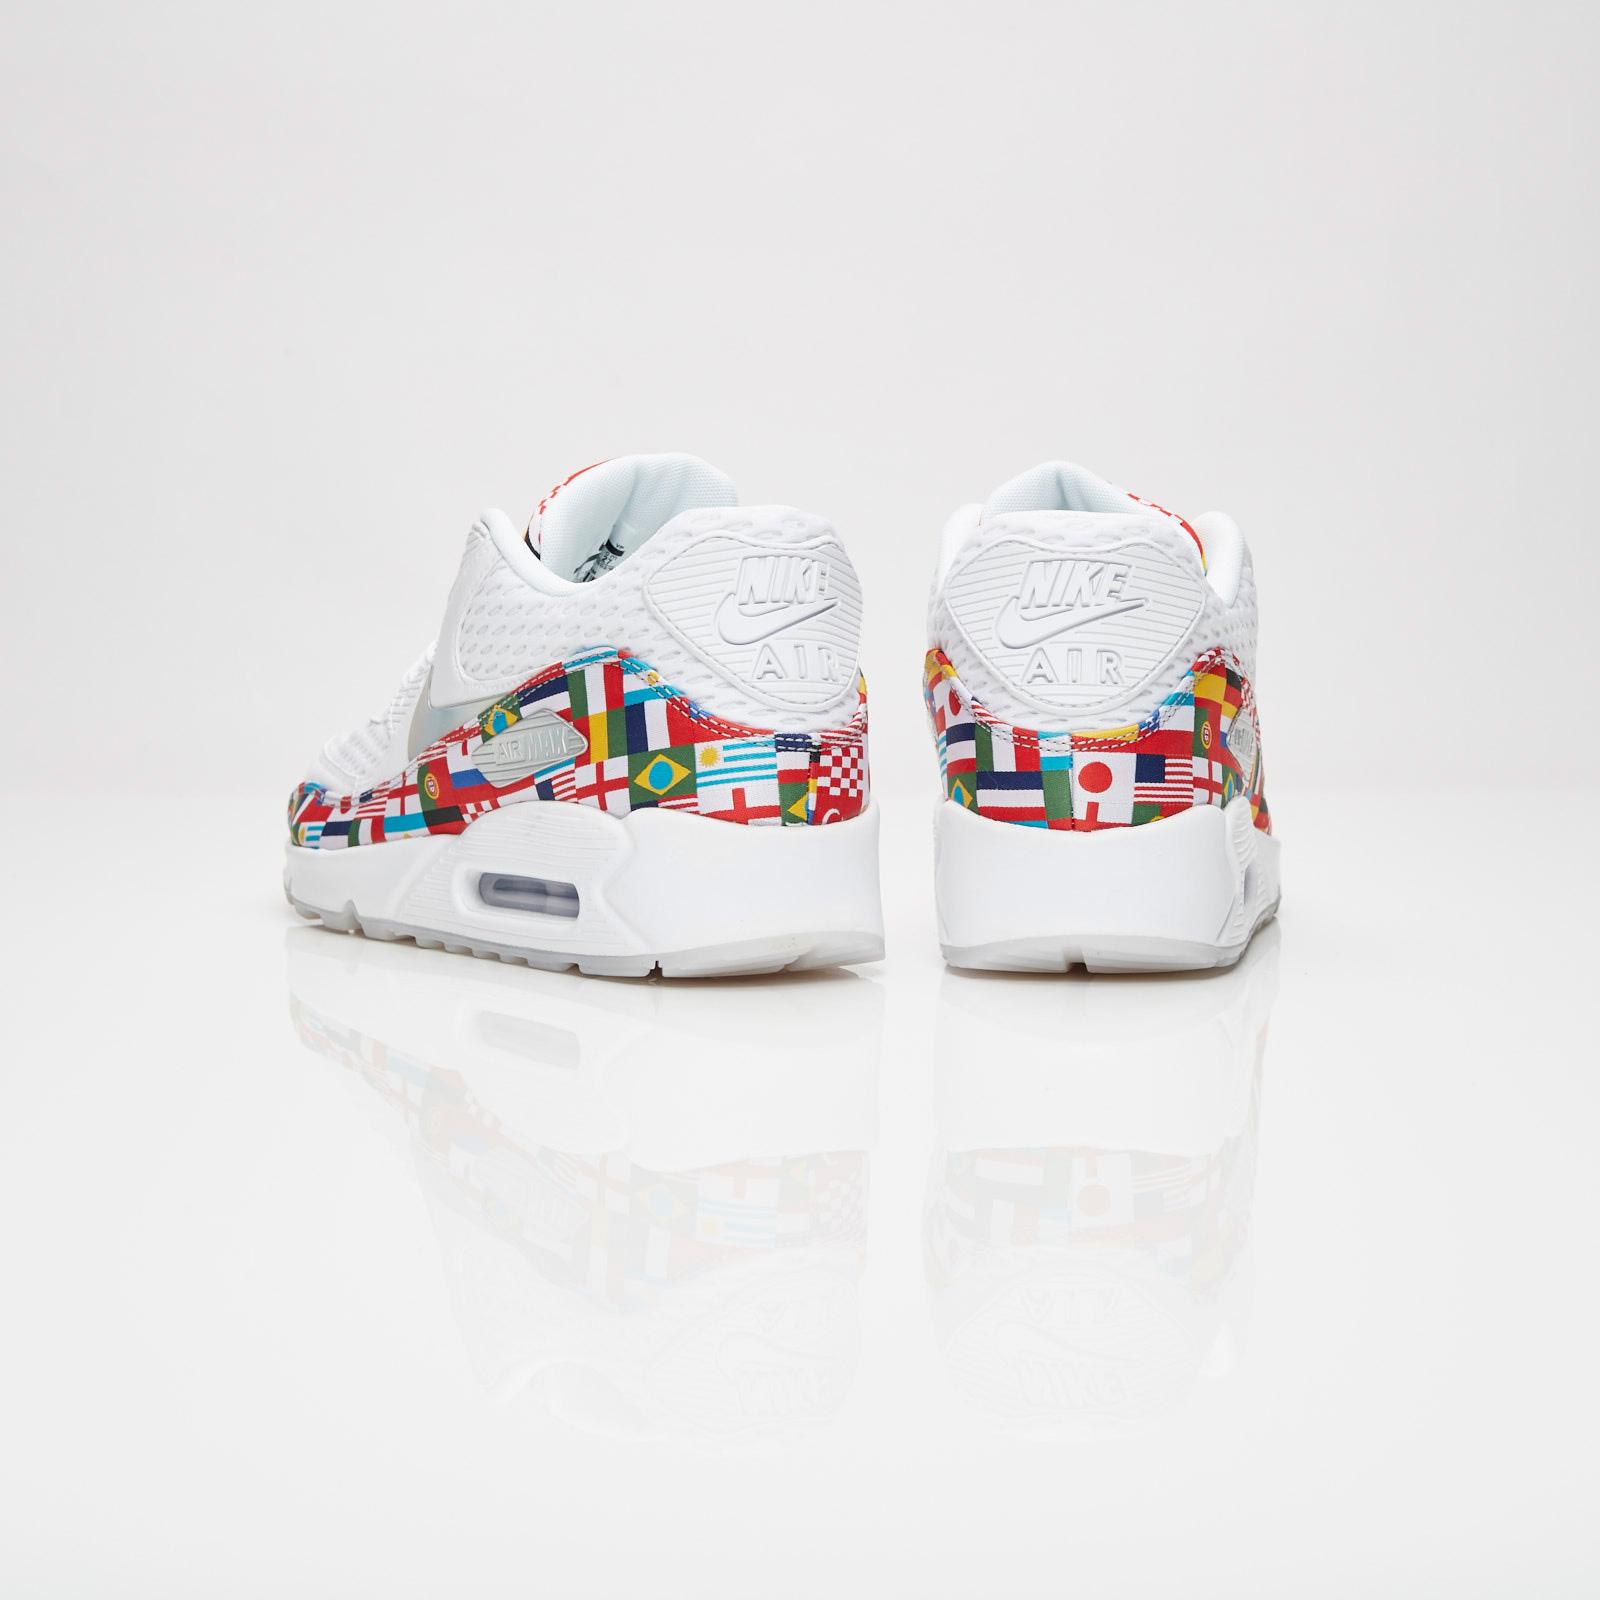 814bb05a2 Nike Air Max 90 NIC QS - Ao5119-100 - Sneakersnstuff